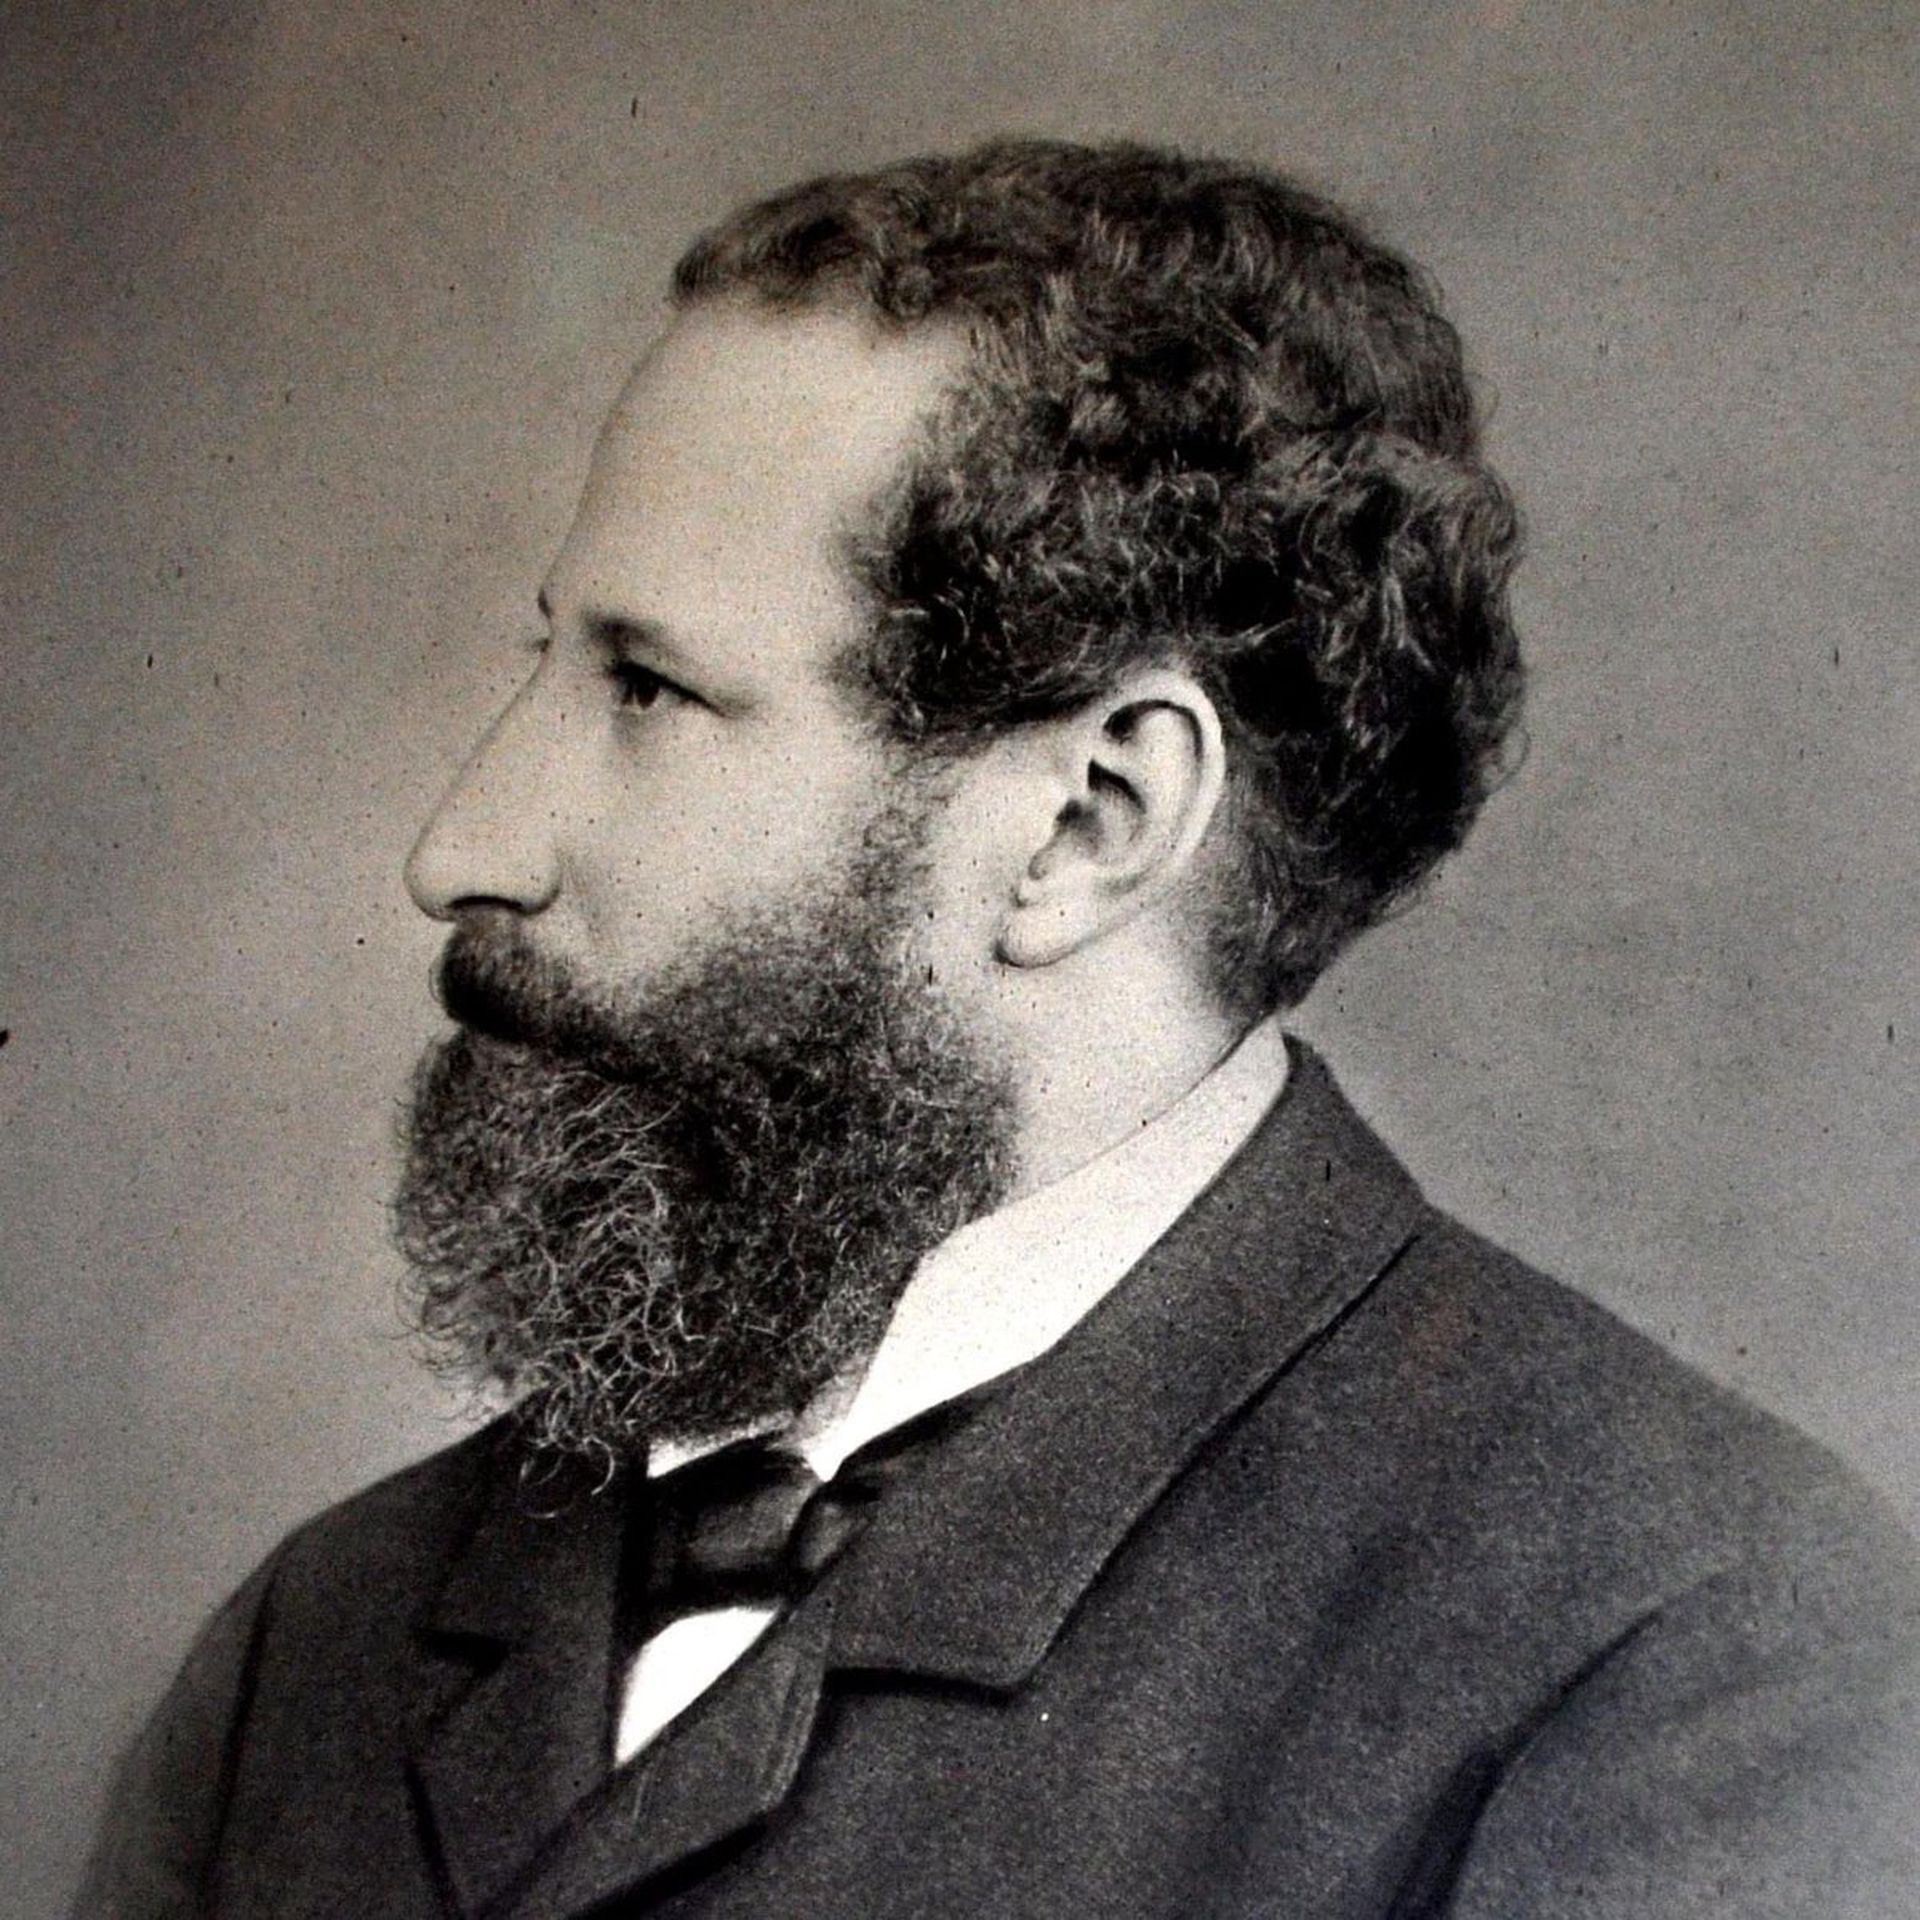 Antonio Carvalho Monteiro